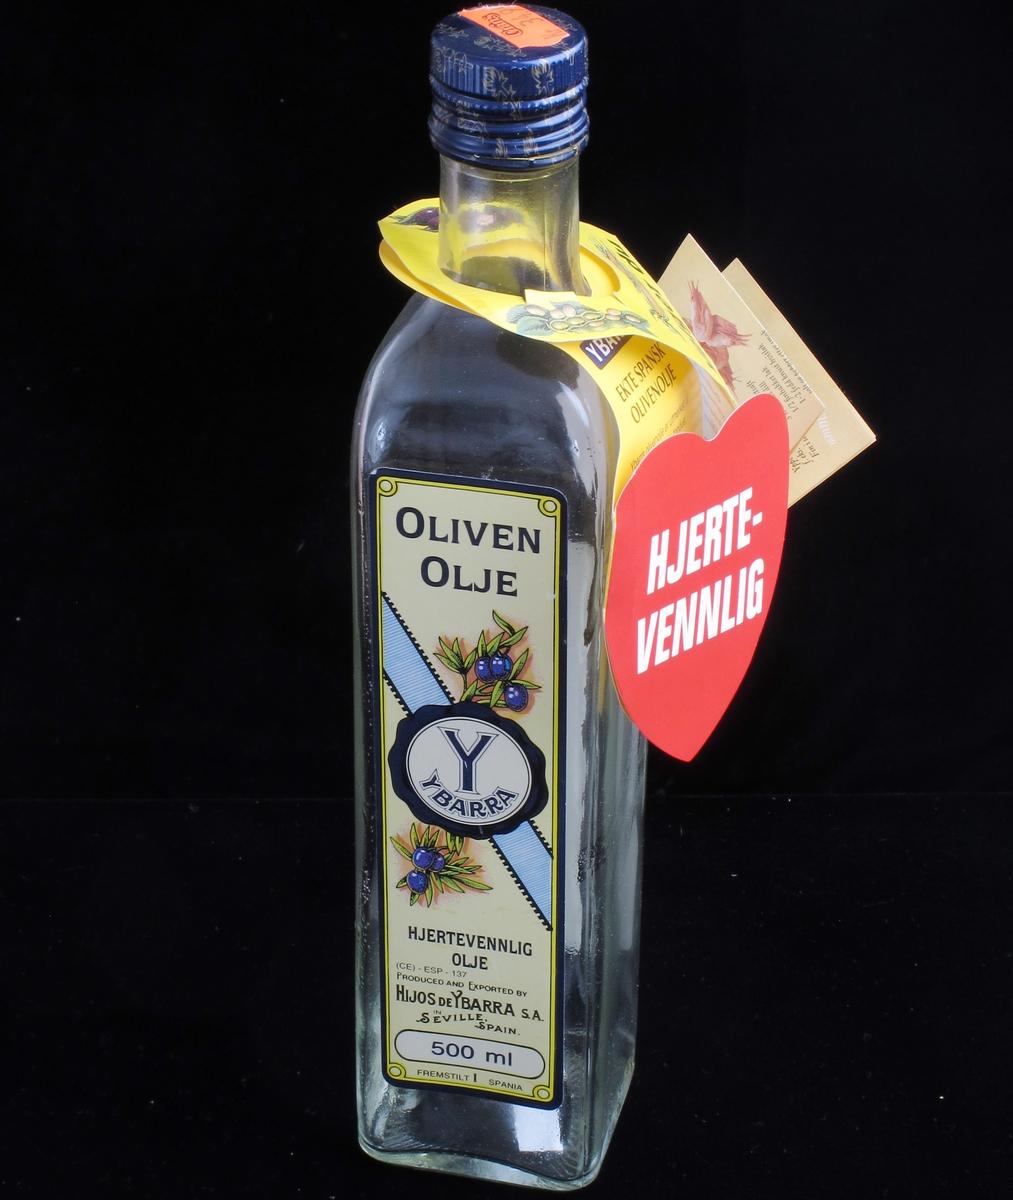 Flaske for olivenolje. Skrukork. Informasjon på papir hengt om flaskehalsen.